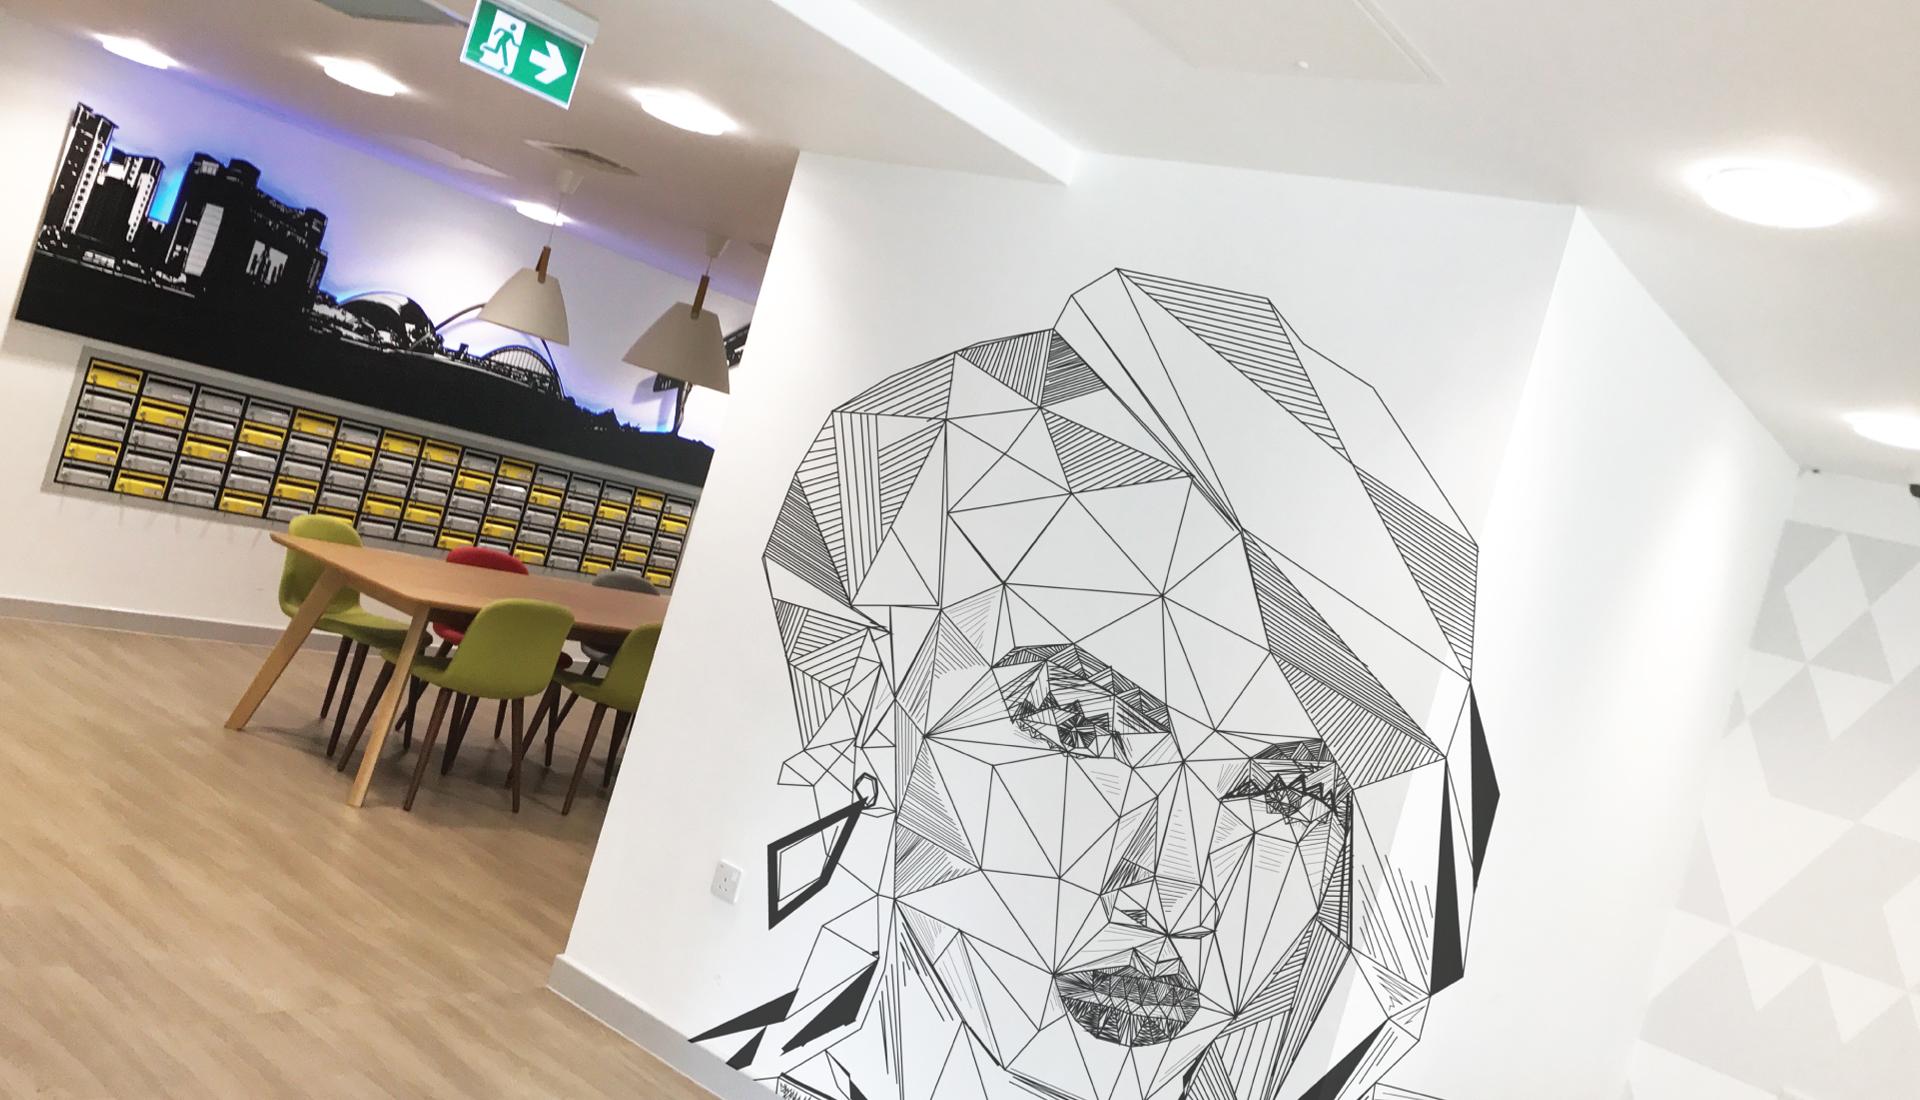 <strong>Bespoke</strong> wall art